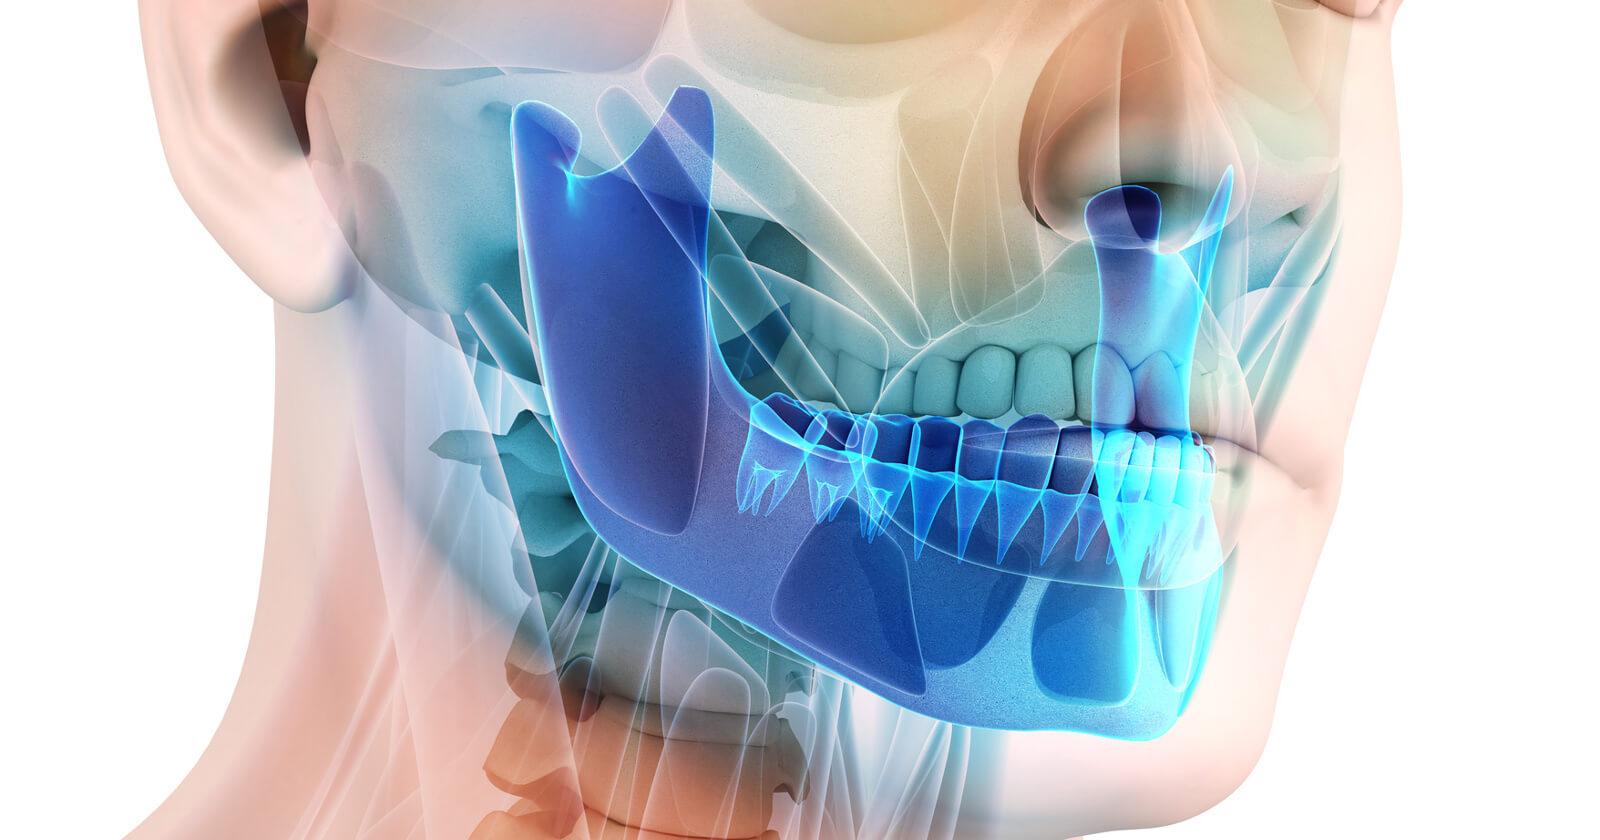 Illustration eines Menschen mit Hervorhebung des Kieferbereichs: Hier kann ein CMD-Syndrom vorkommen.